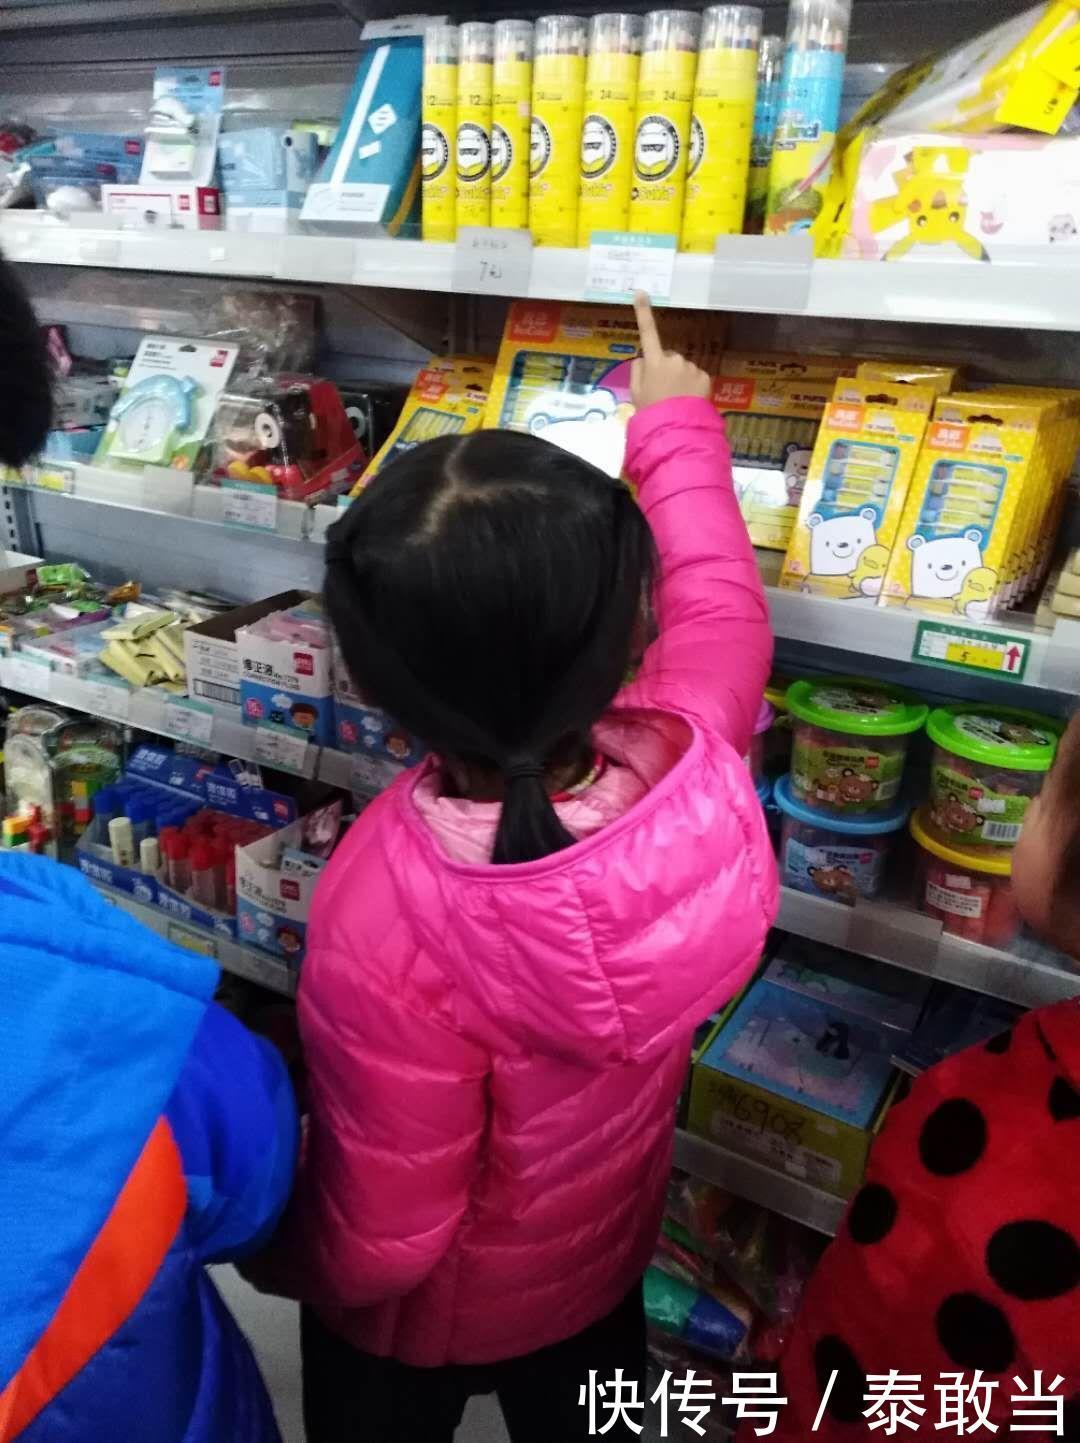 泰安市岱岳区角峪镇中心幼儿园组织孩子们到超市开展社会实践活动